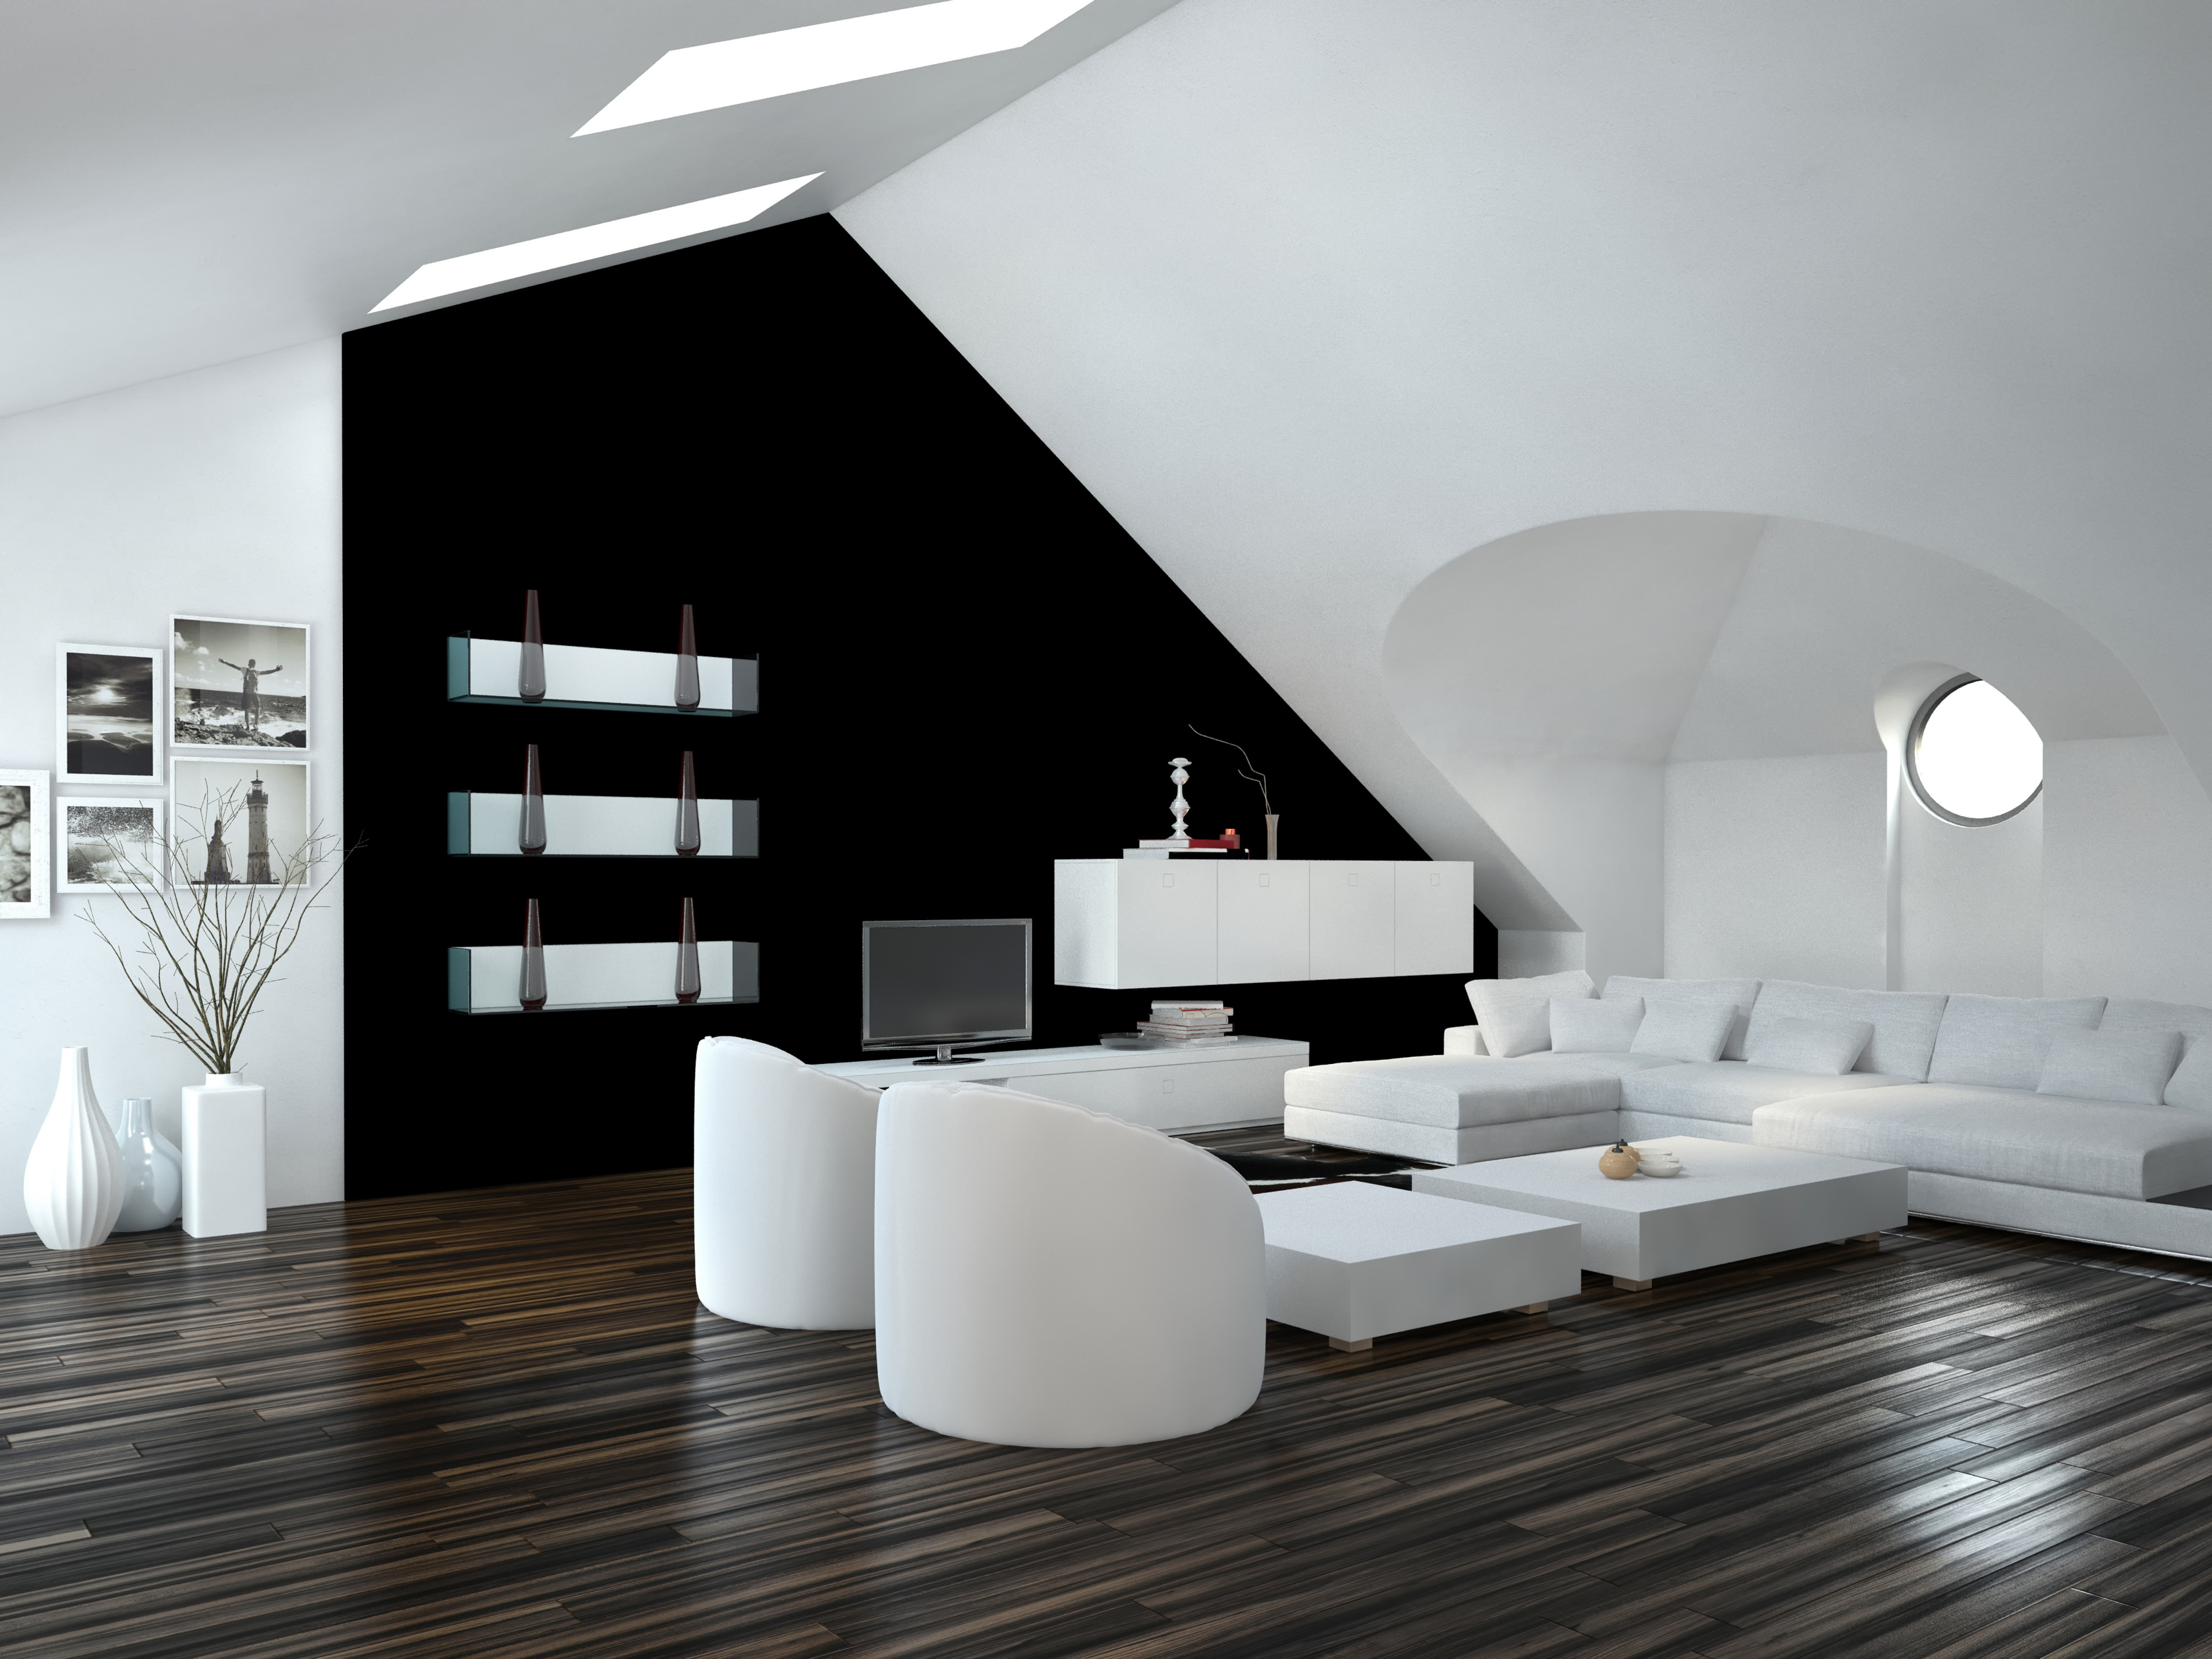 Wohnen In Kuschelweiß  Schultheiss Wohnbau Blog von Weiße Deko Wohnzimmer Bild